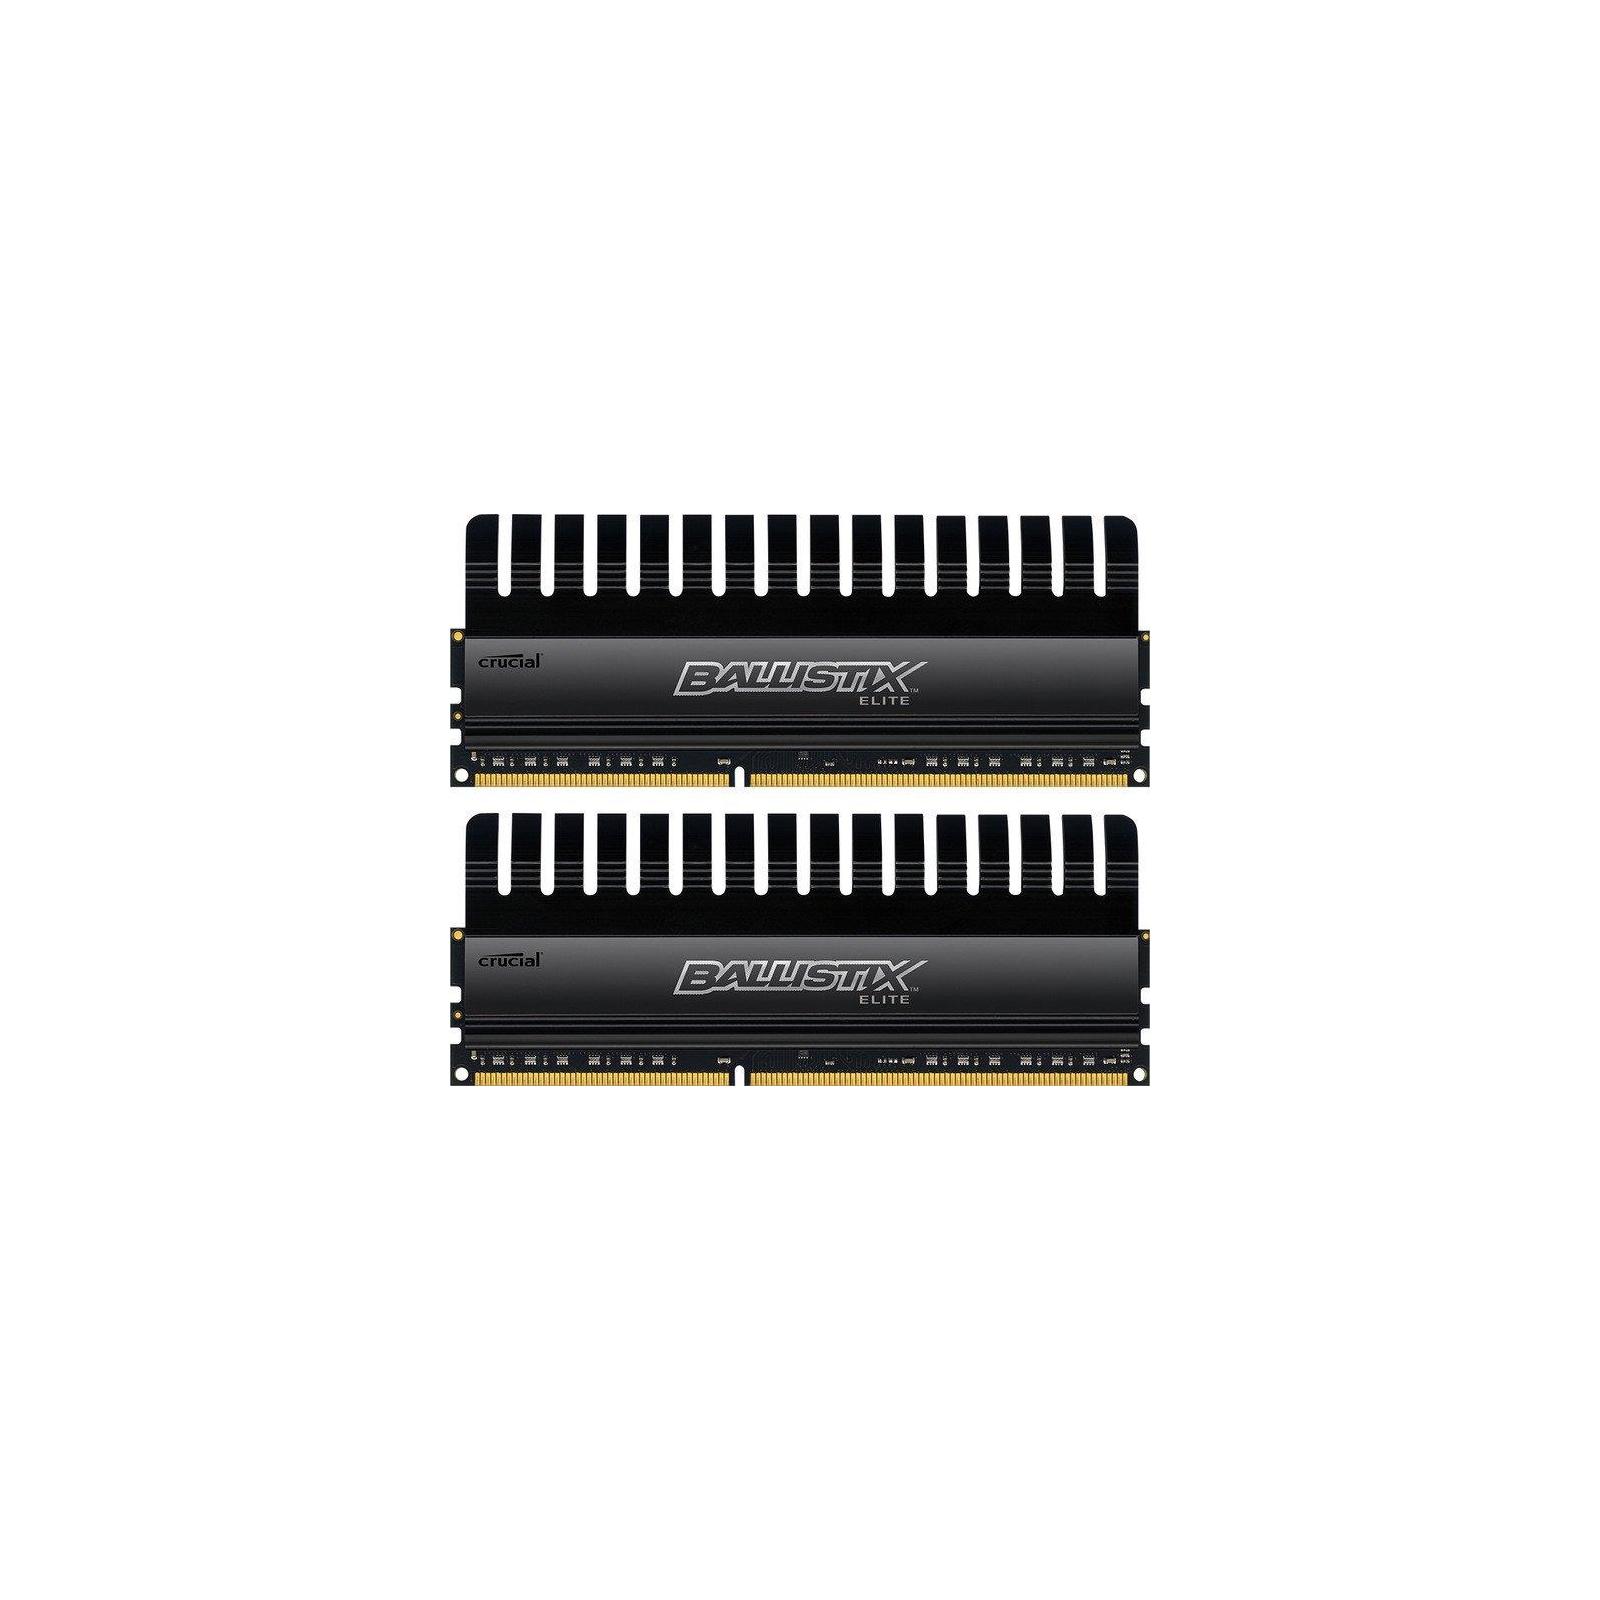 Модуль памяти для компьютера DDR3 16GB (2x8GB) 2133 MHz Ballistix Elite MICRON (BLE2C8G3D21BCE1)